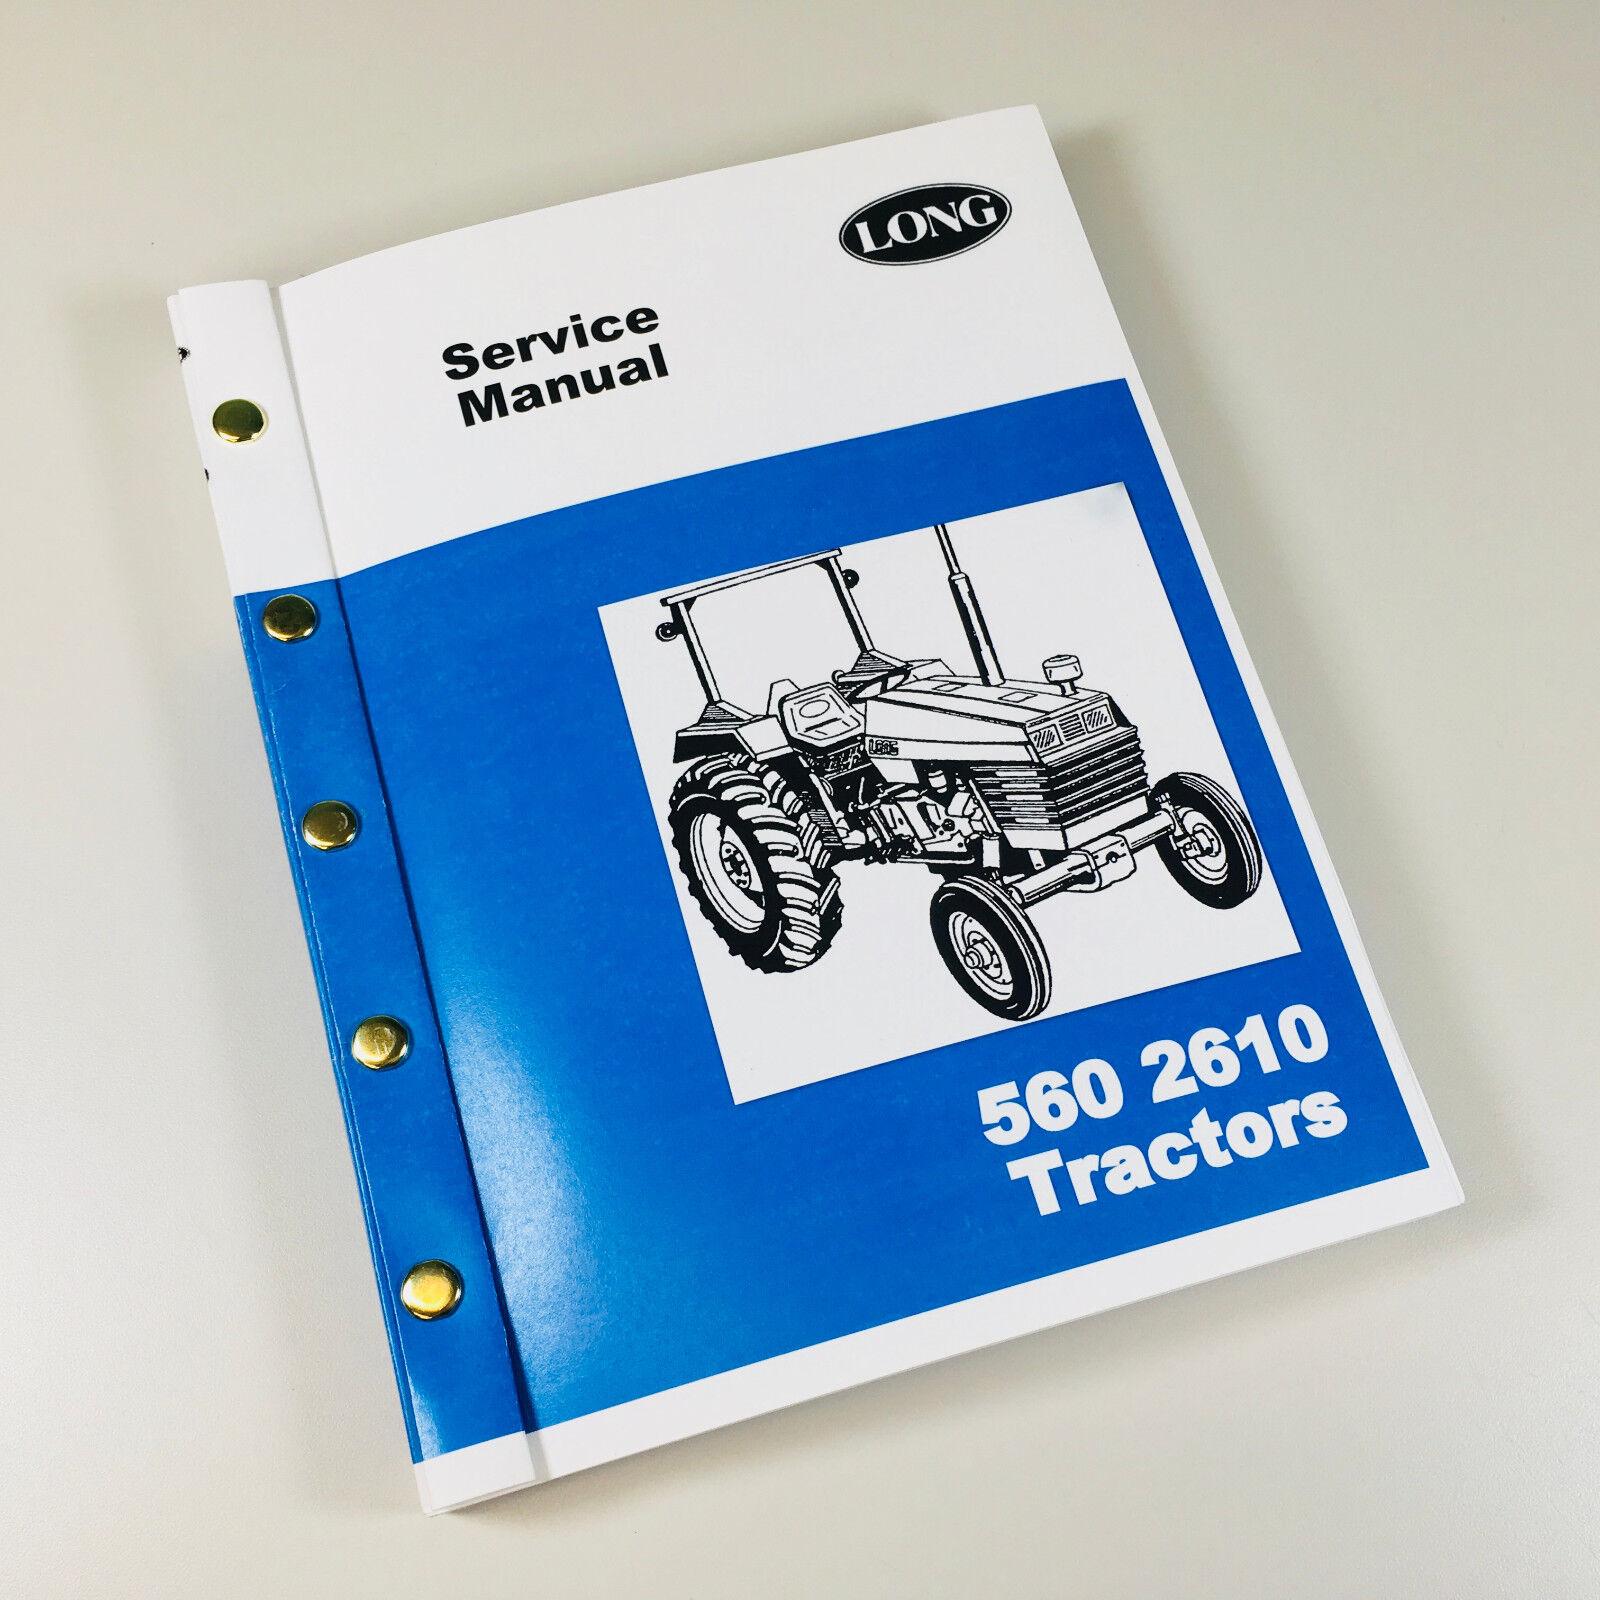 Long 560-2610 Tractors. Complete Service/Overhaul/Repair Manual